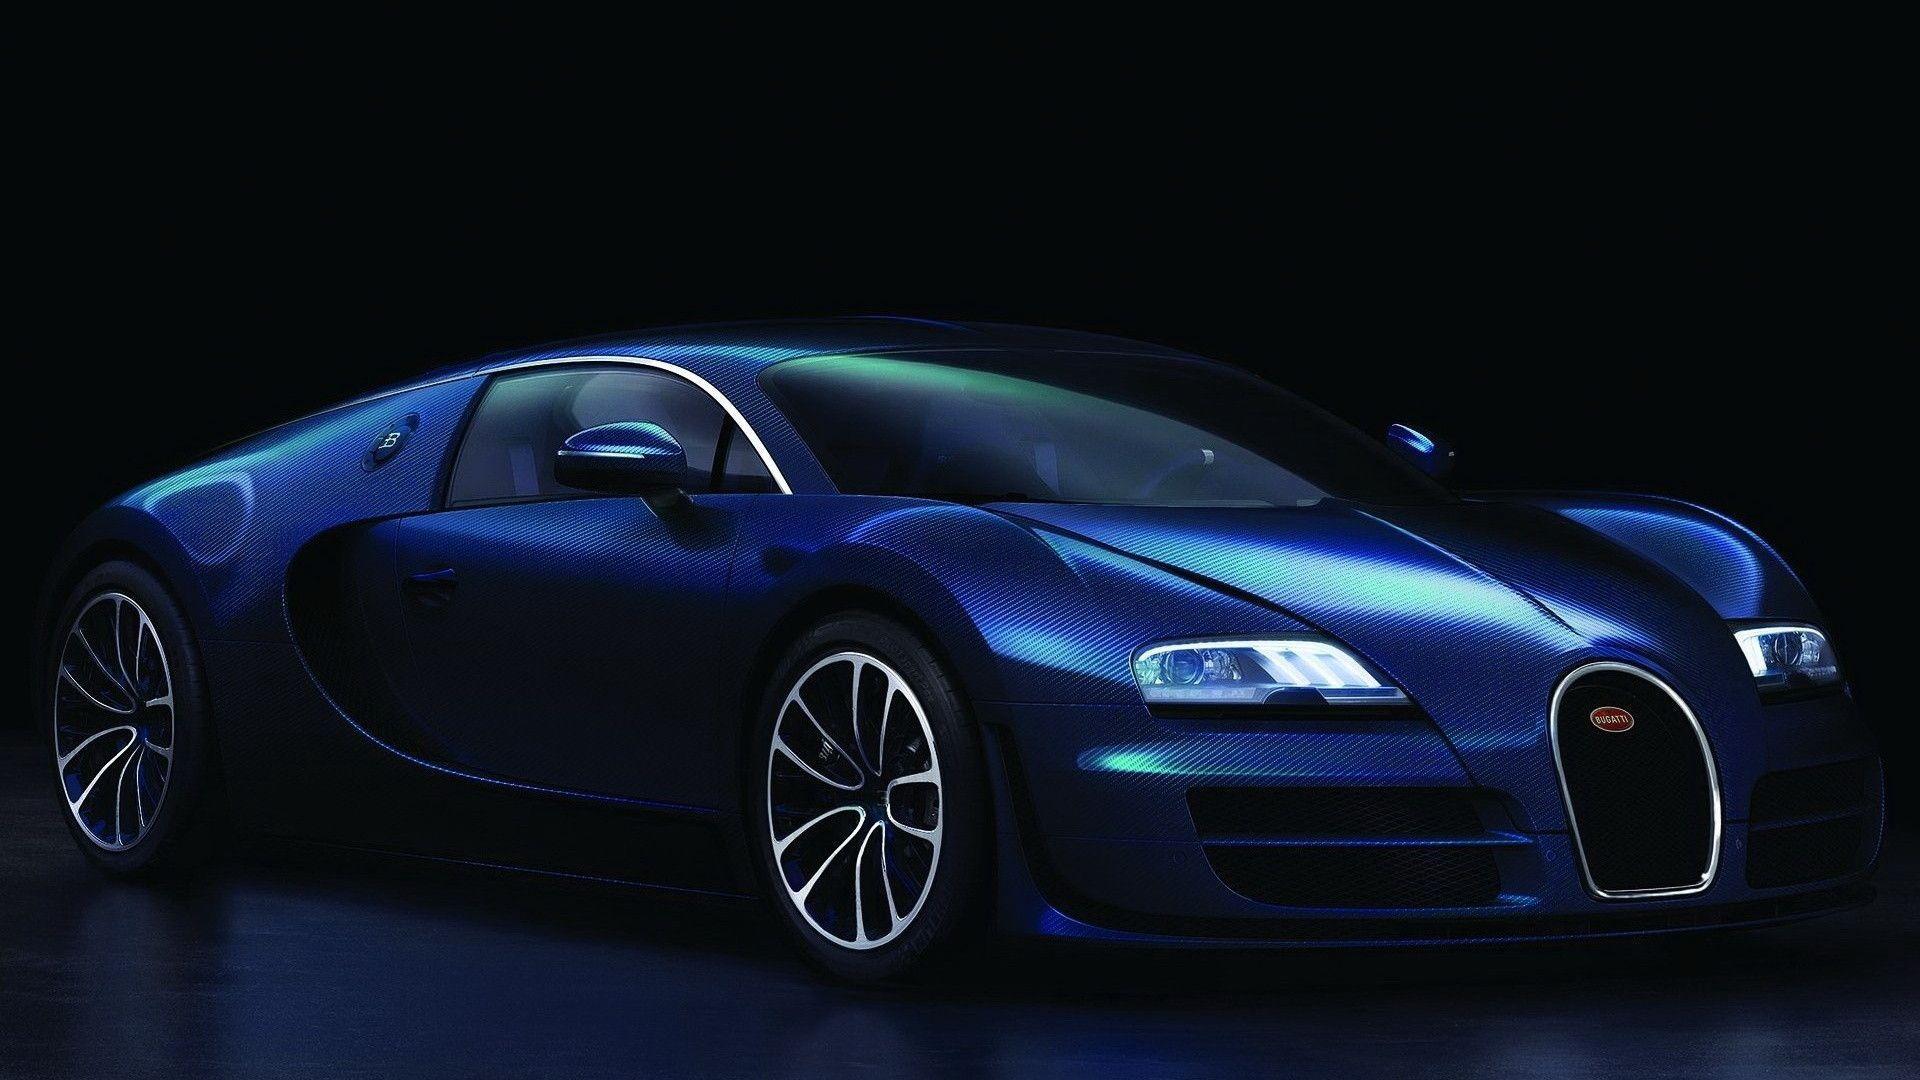 Bugatti Wallpapers - Wallpaper Cave